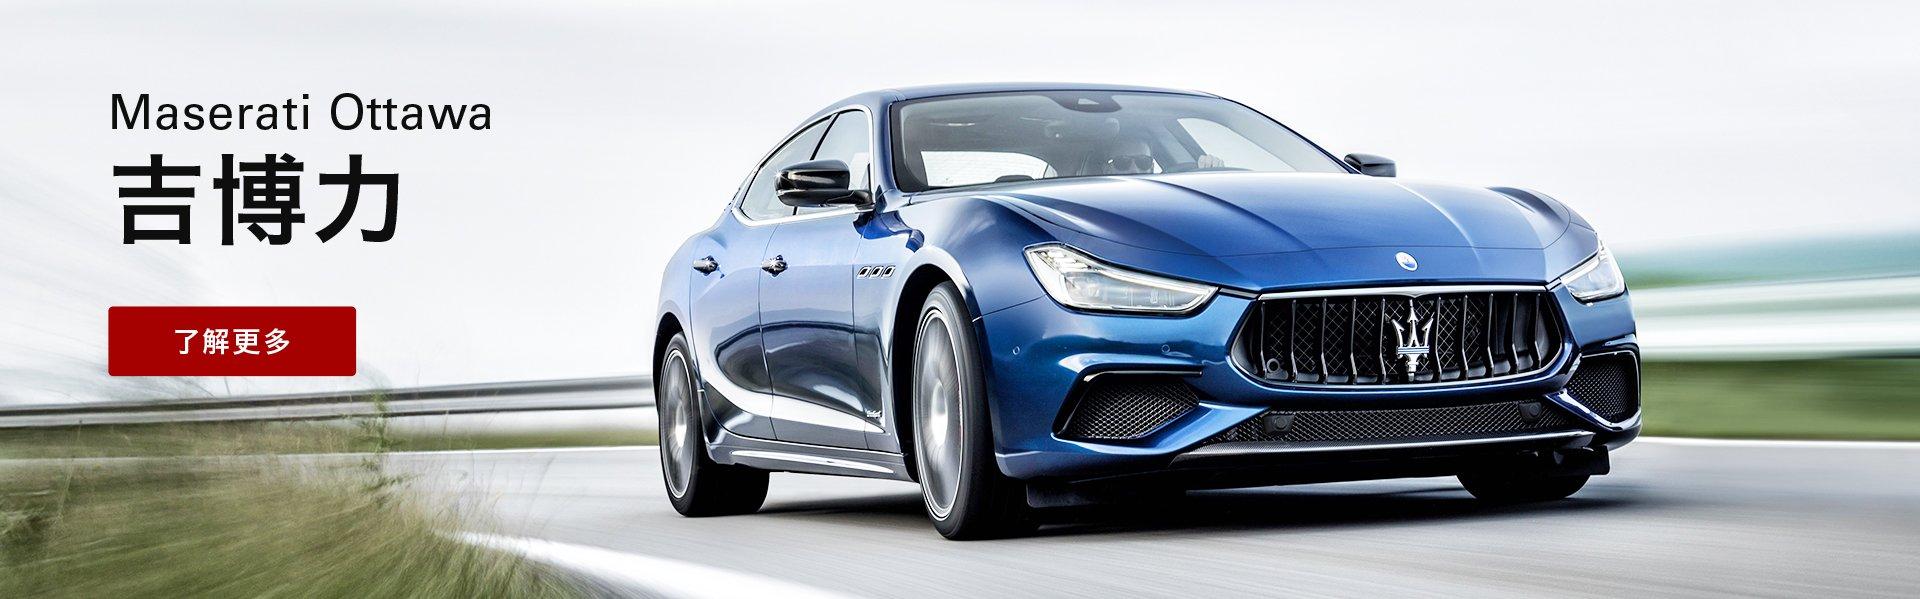 Maserati Ottawa